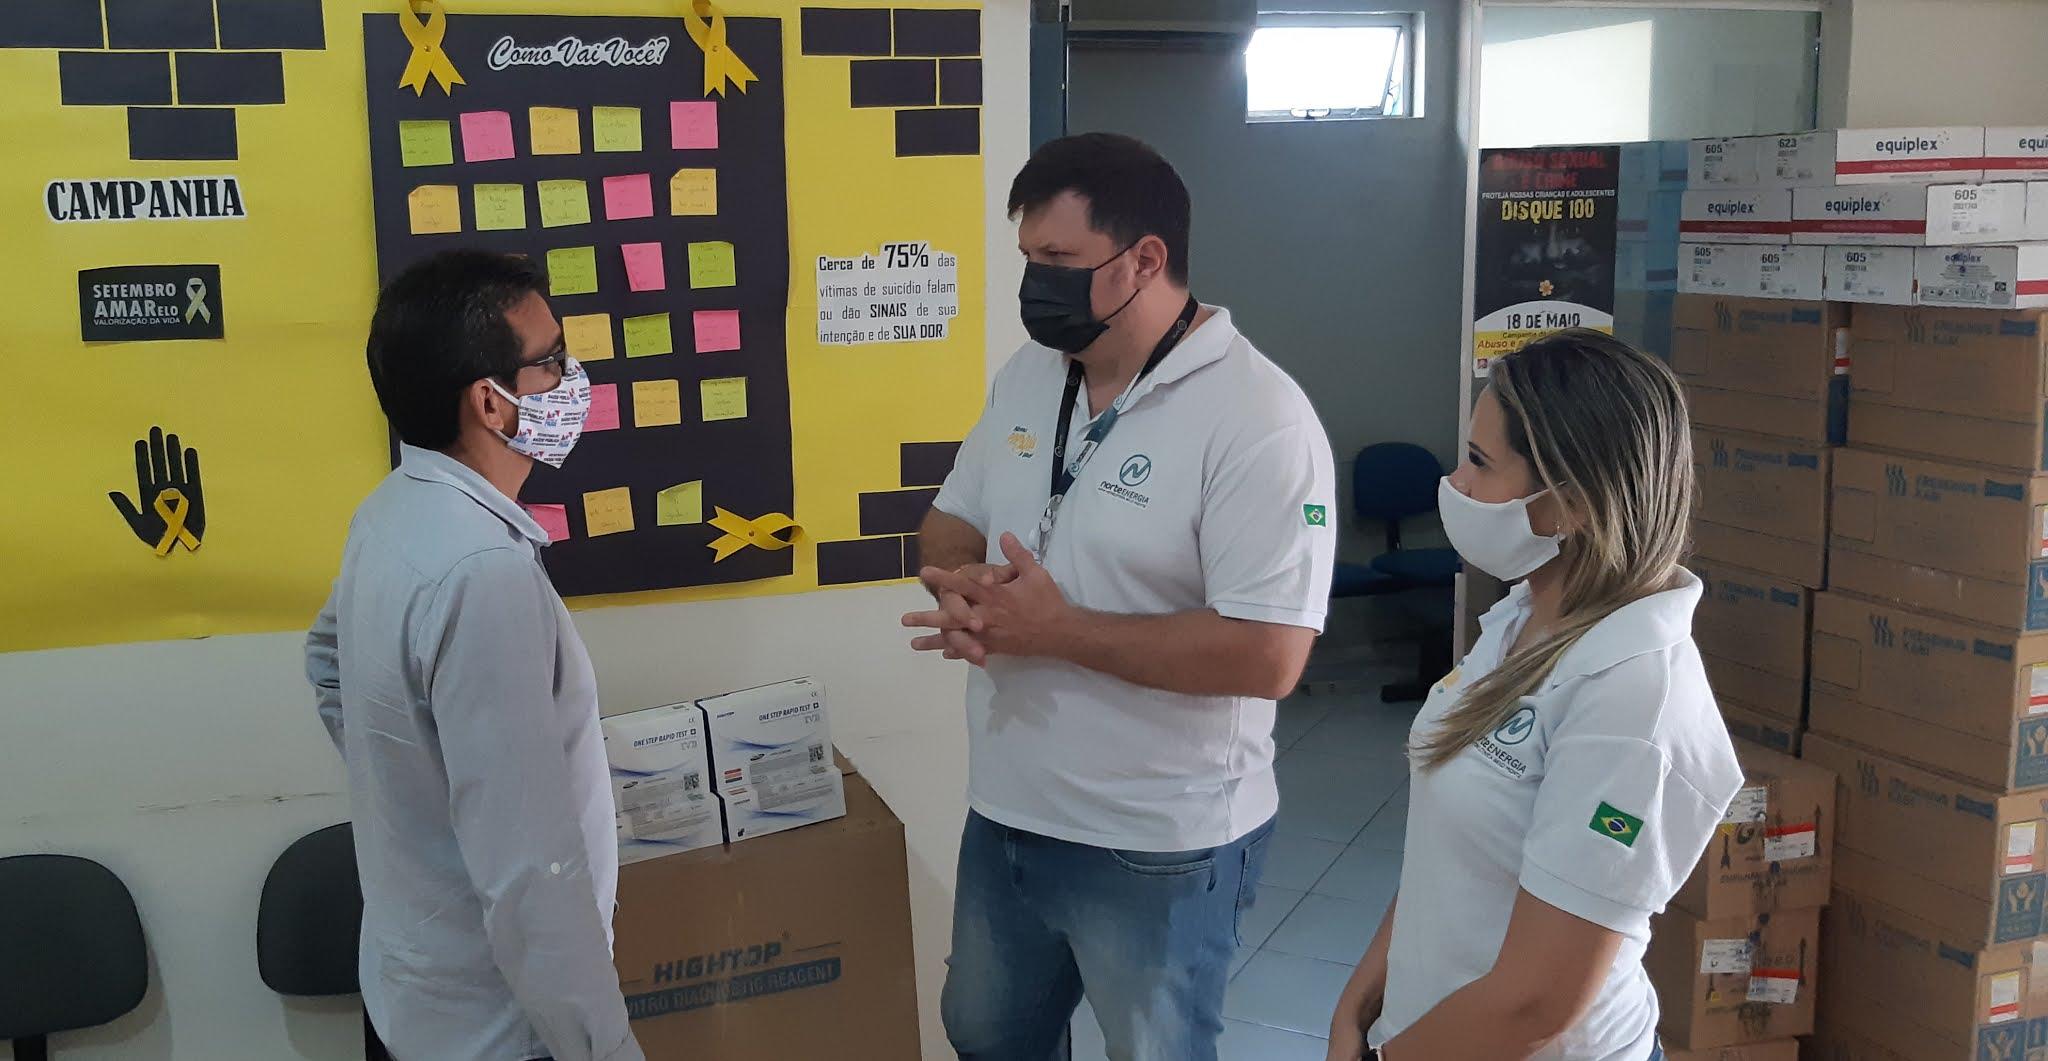 Sespa recebe doação de 1,4 mil testes rápidos para covid-19 da Norte Energia